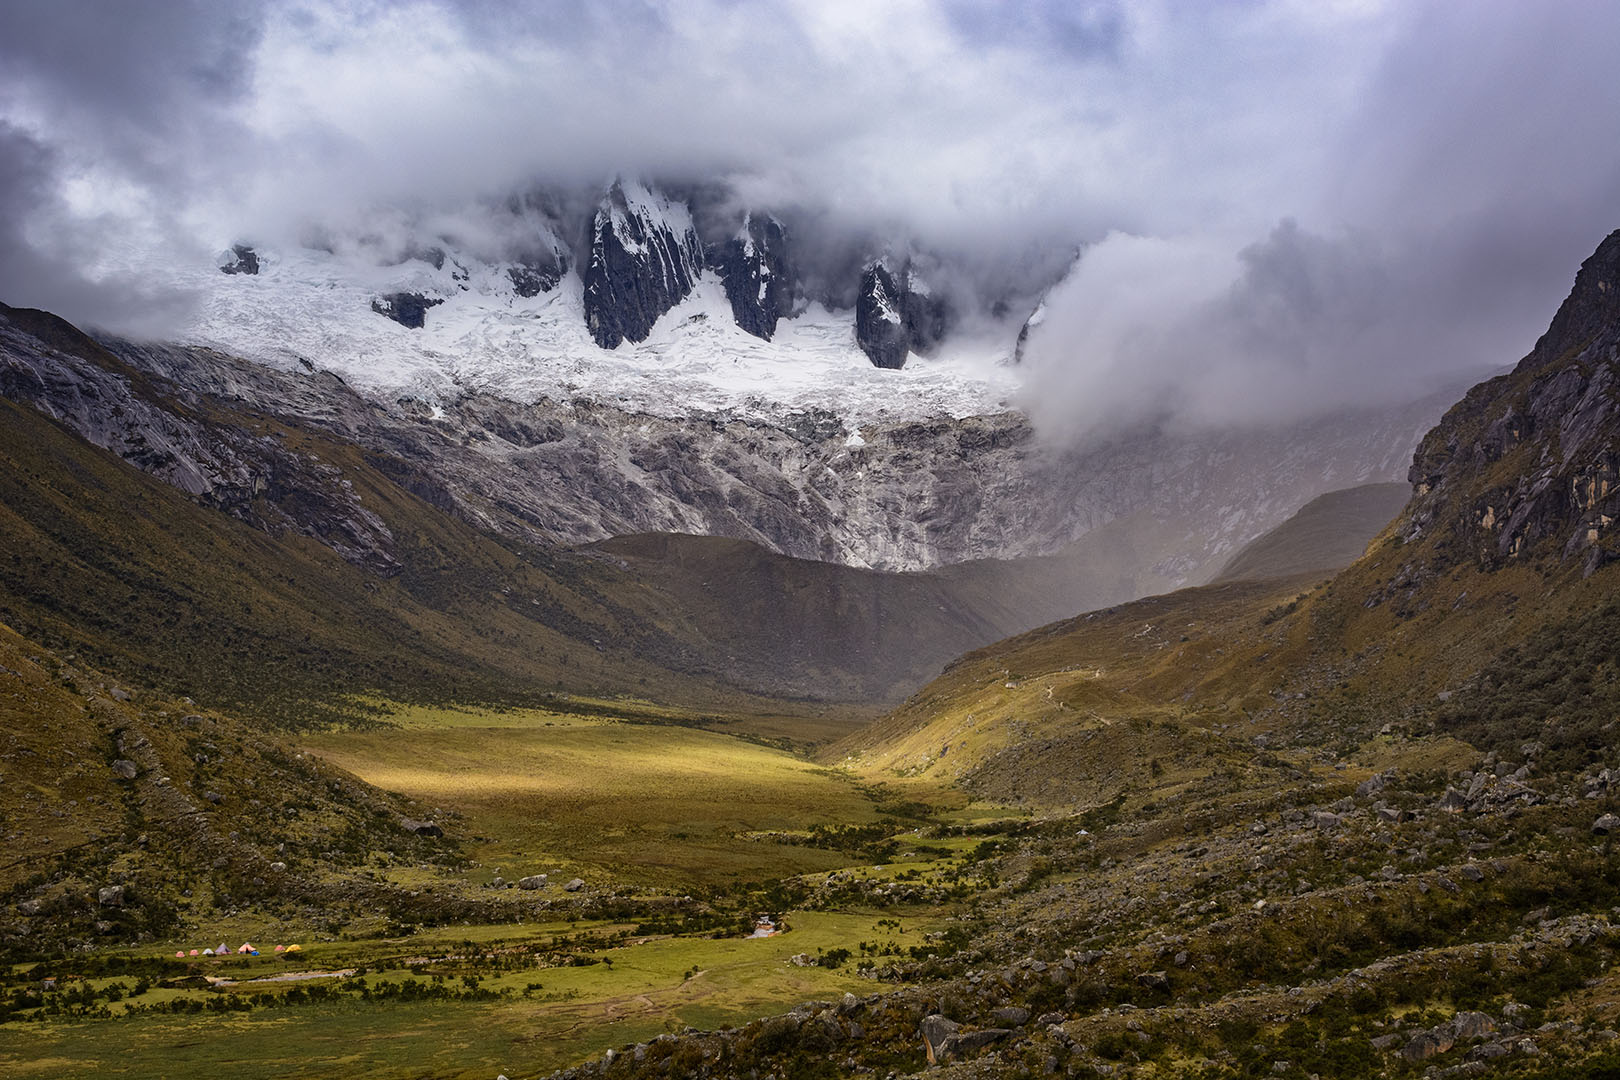 Deportes y aventuras - Iñaki Larrea, Fotografía de naturaleza y montaña